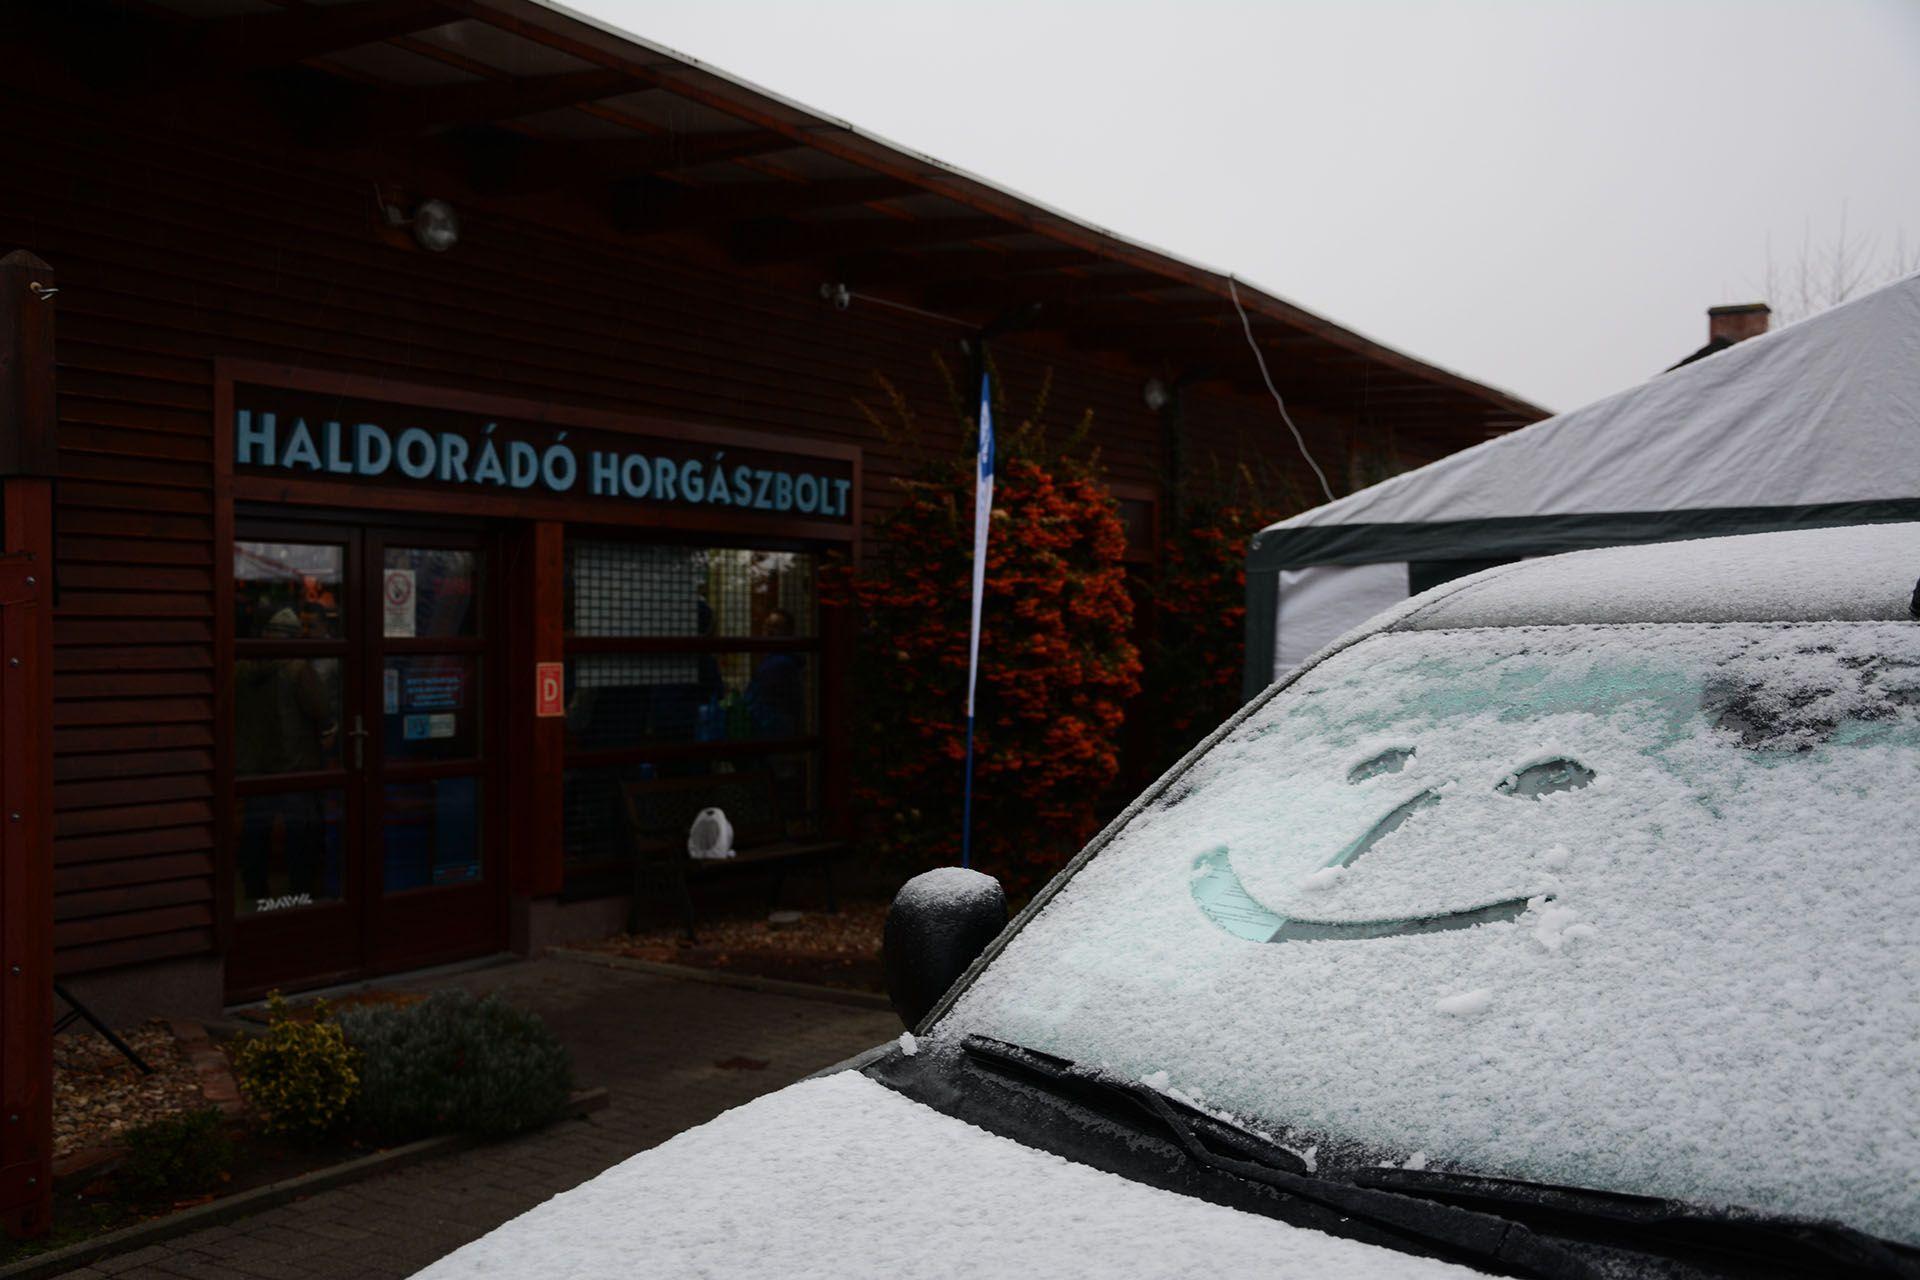 Egy smile-ra elegendő hó maradt az estéről a kocsikon